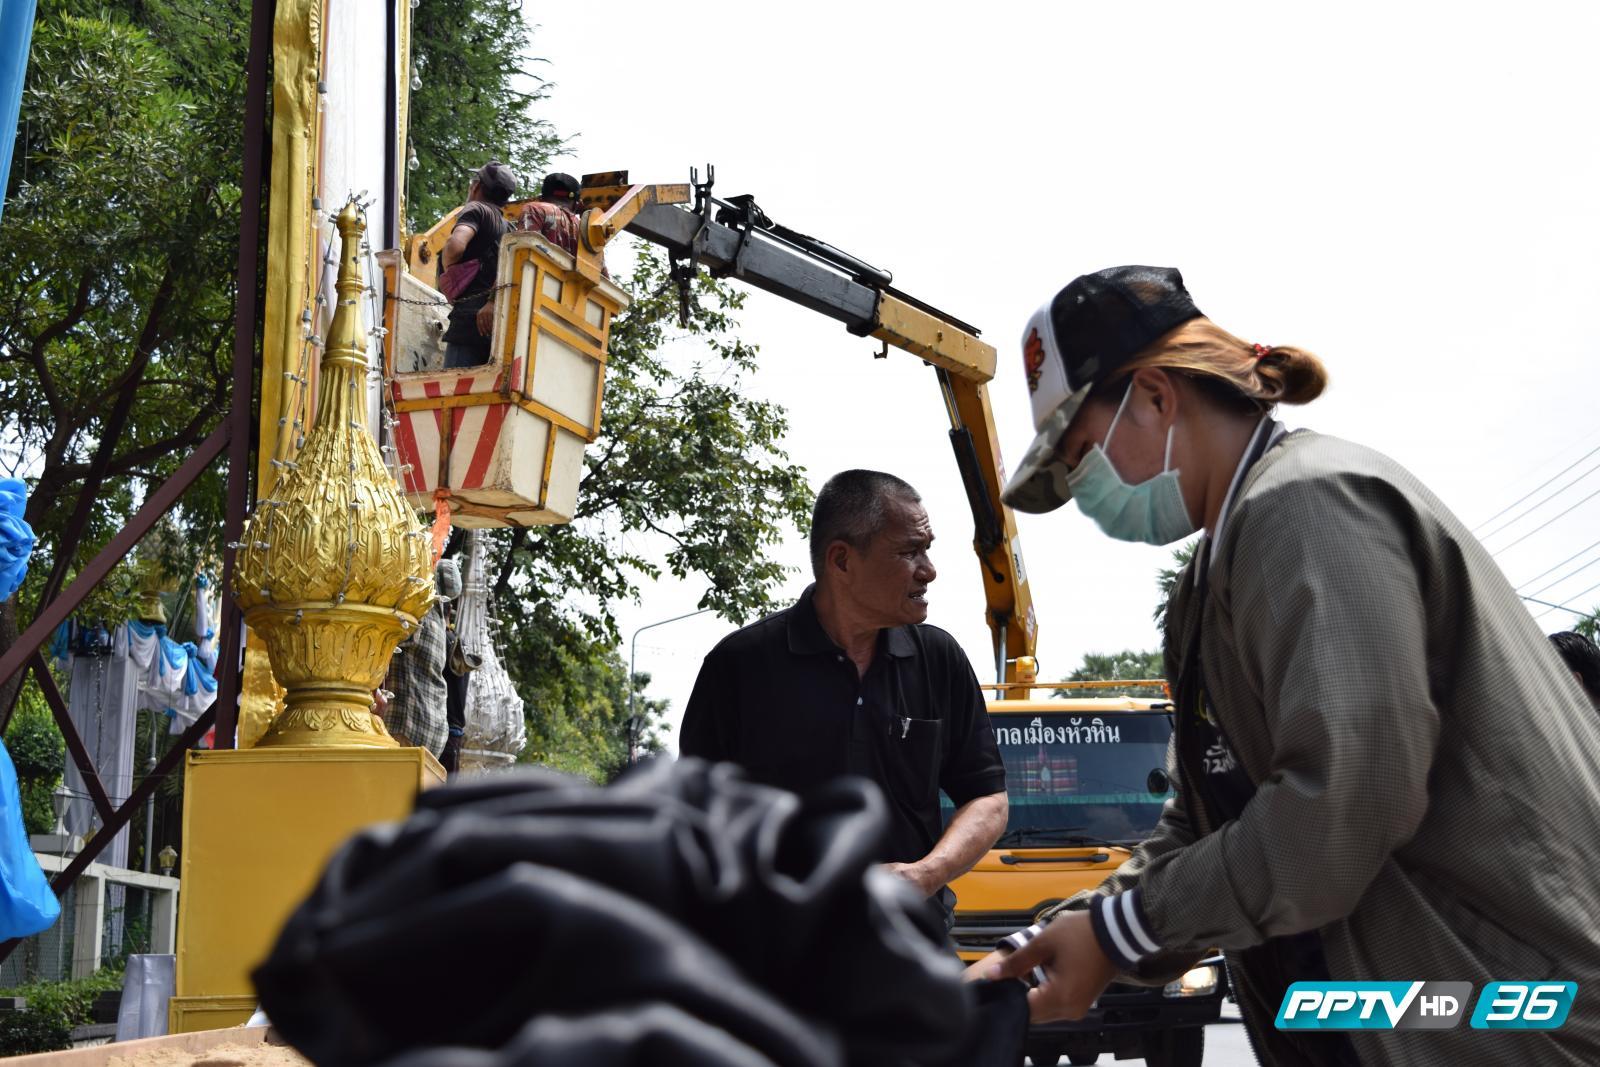 คนไทยเชื้อสายจีนย่านเยาวราช ร่วมน้อมเกล้าน้อมกระหม่อมถวายอาลัย แด่พระบาทสมเด็จพระเจ้าอยู่หัวในพระบรมโกศ